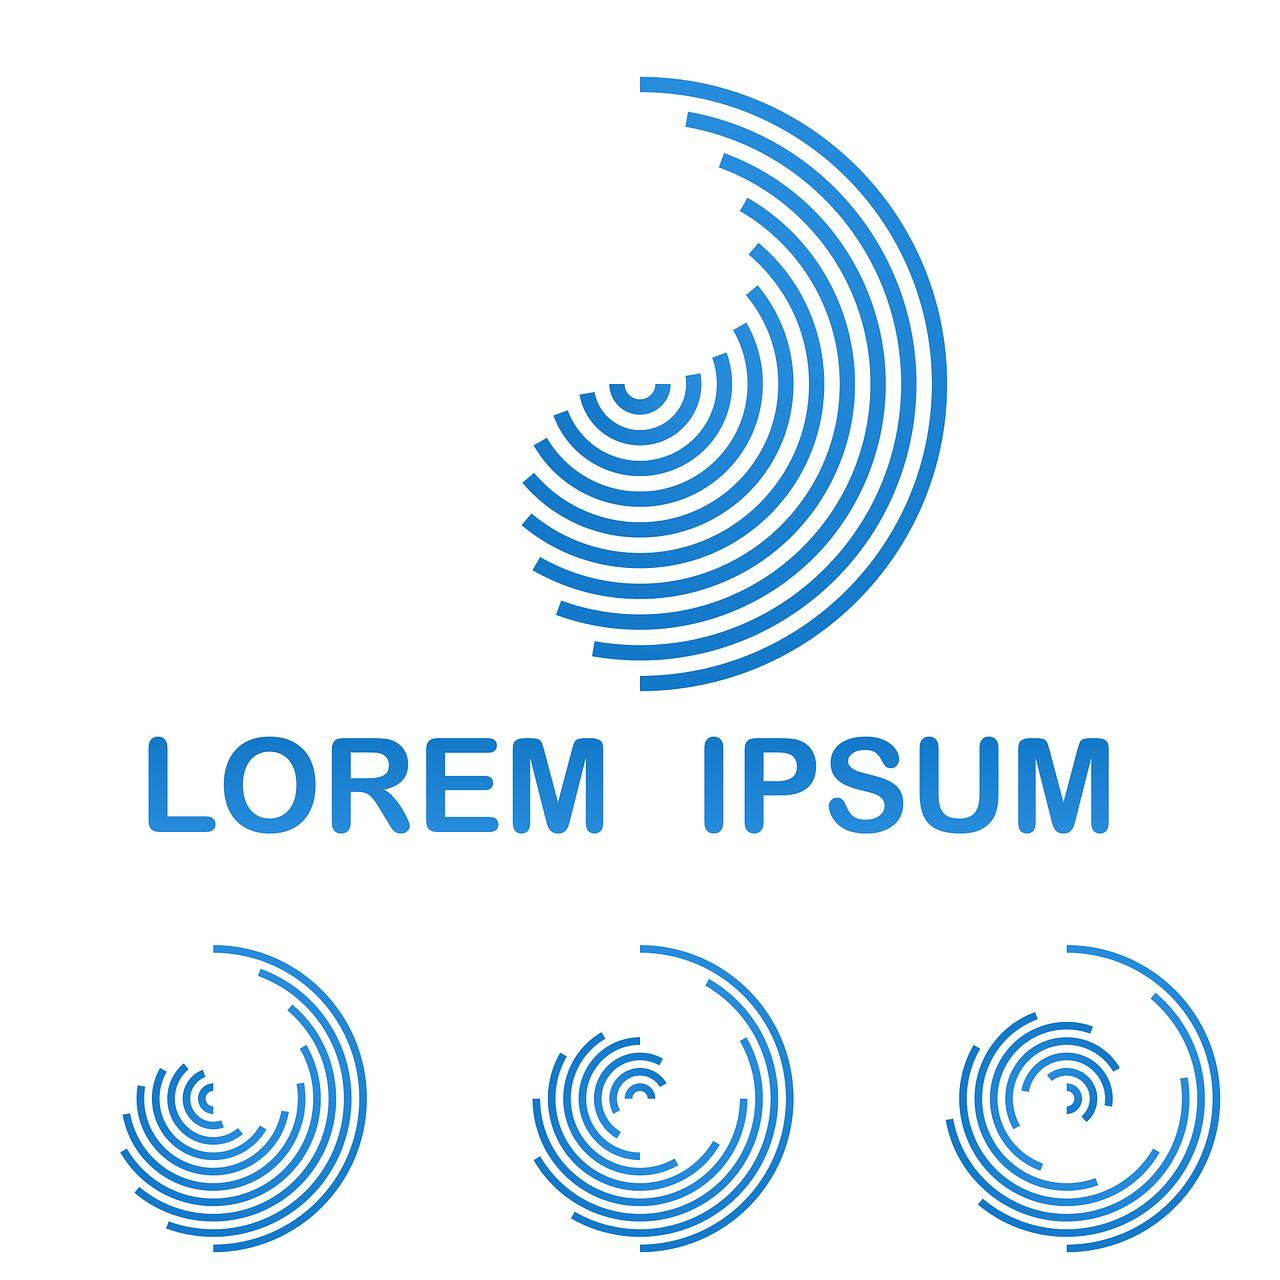 Lorem ipsum-info